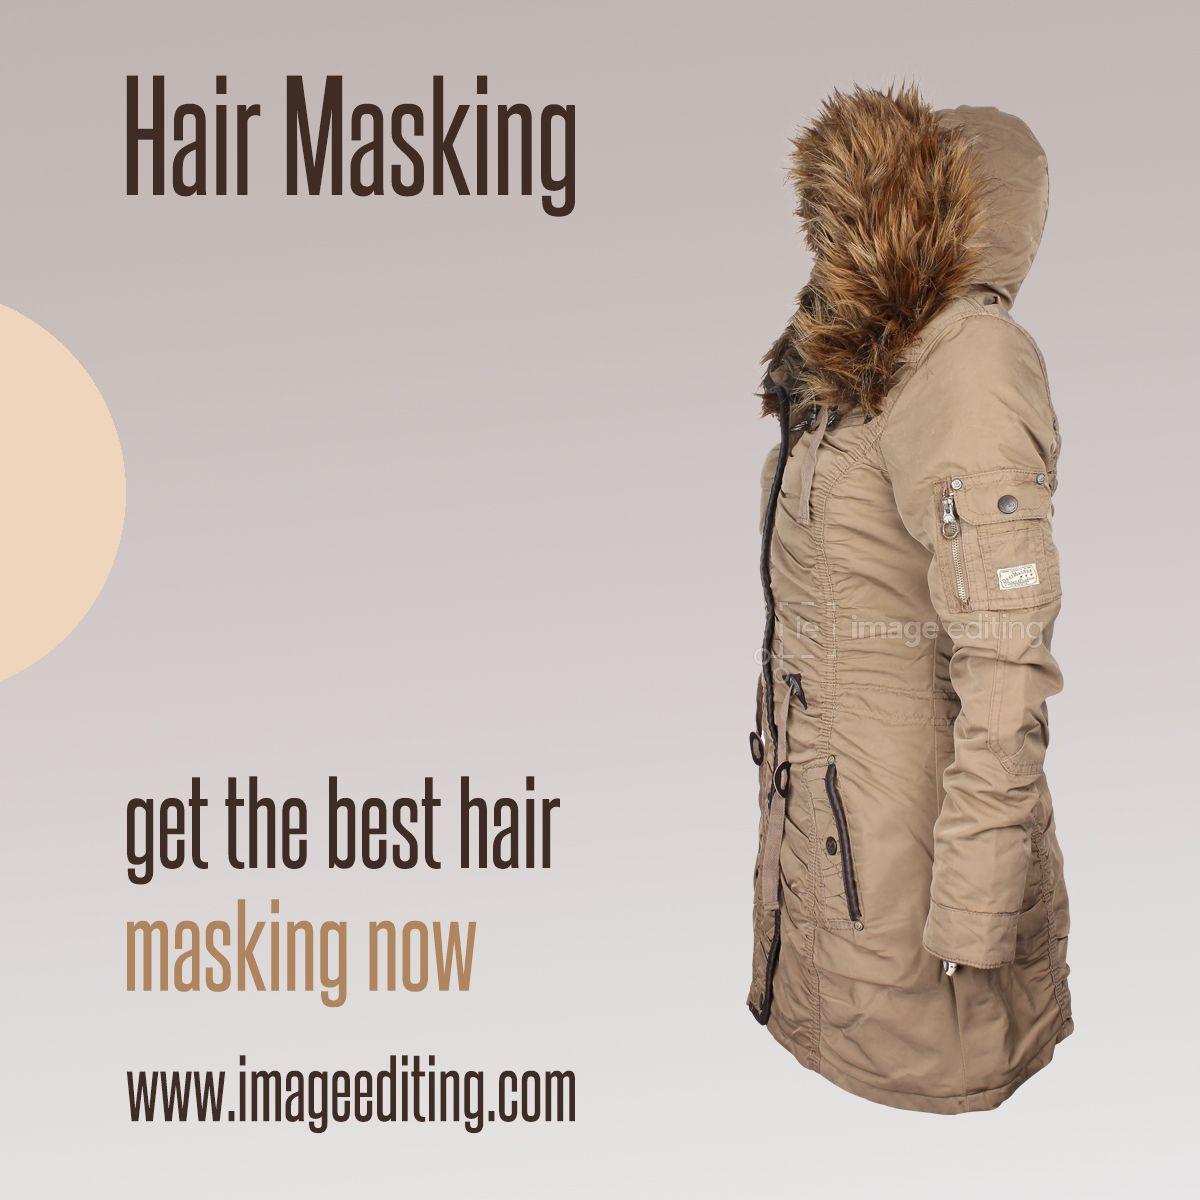 Hair Masking Best hair mask, Hair mask, Mask